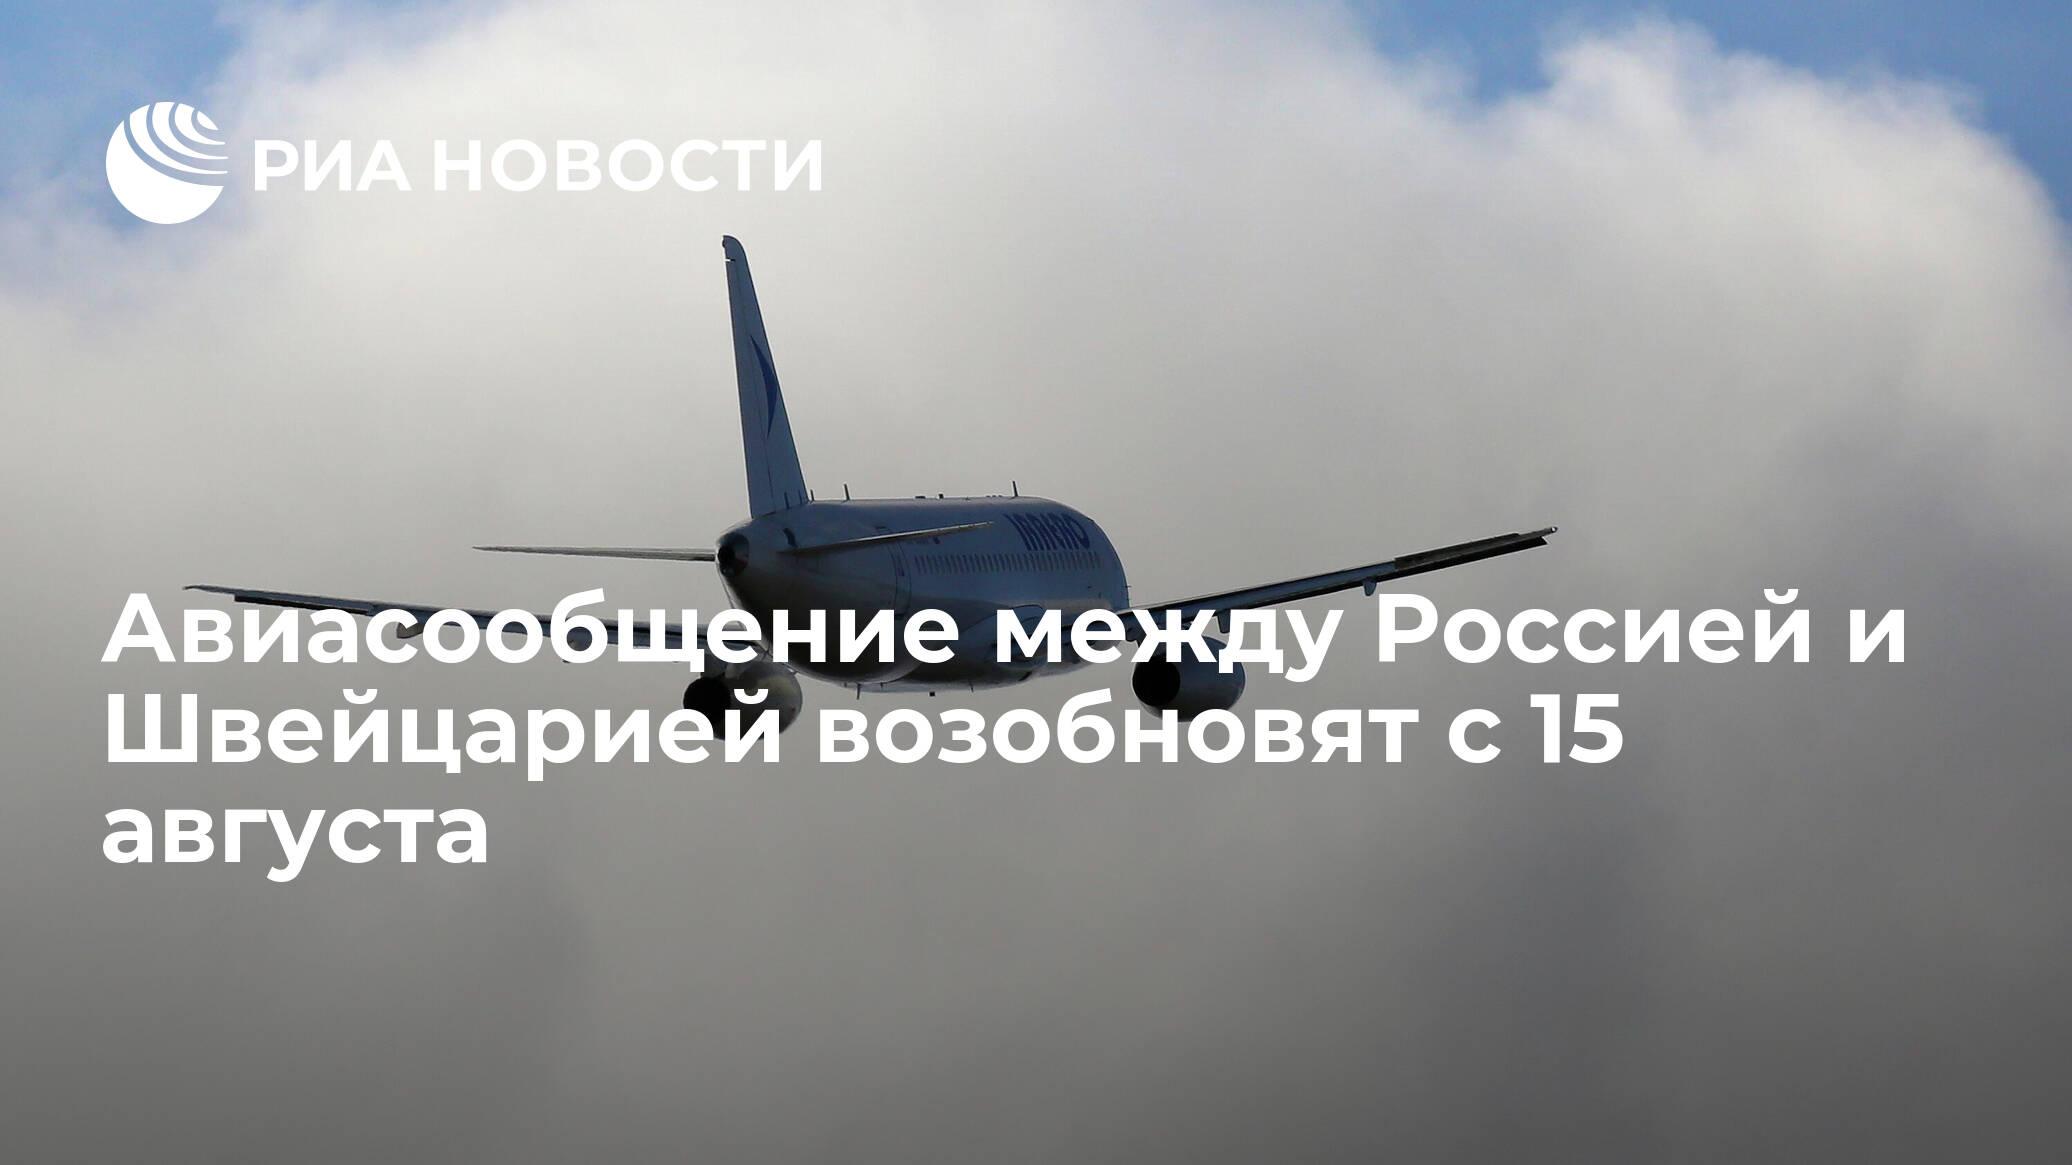 Россия возобновит авиасообщение со Швейцарией с 15 августа